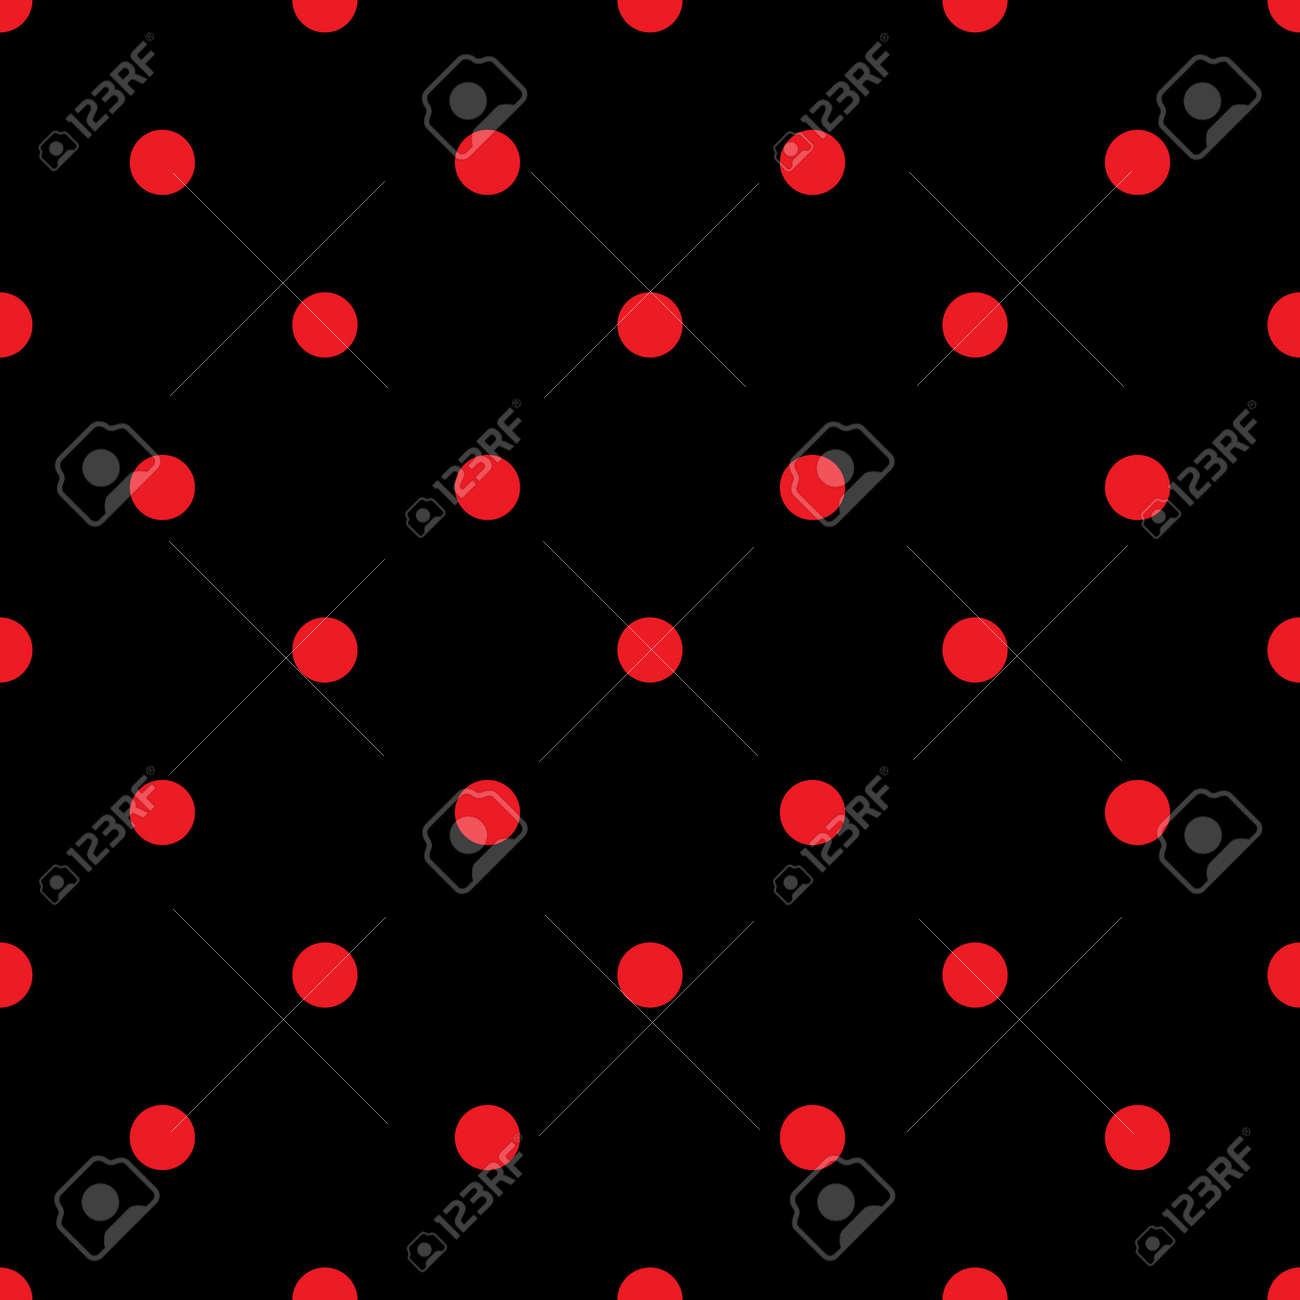 小さな水玉のシームレスなパターン ファッションの赤と黒のテクスチャ